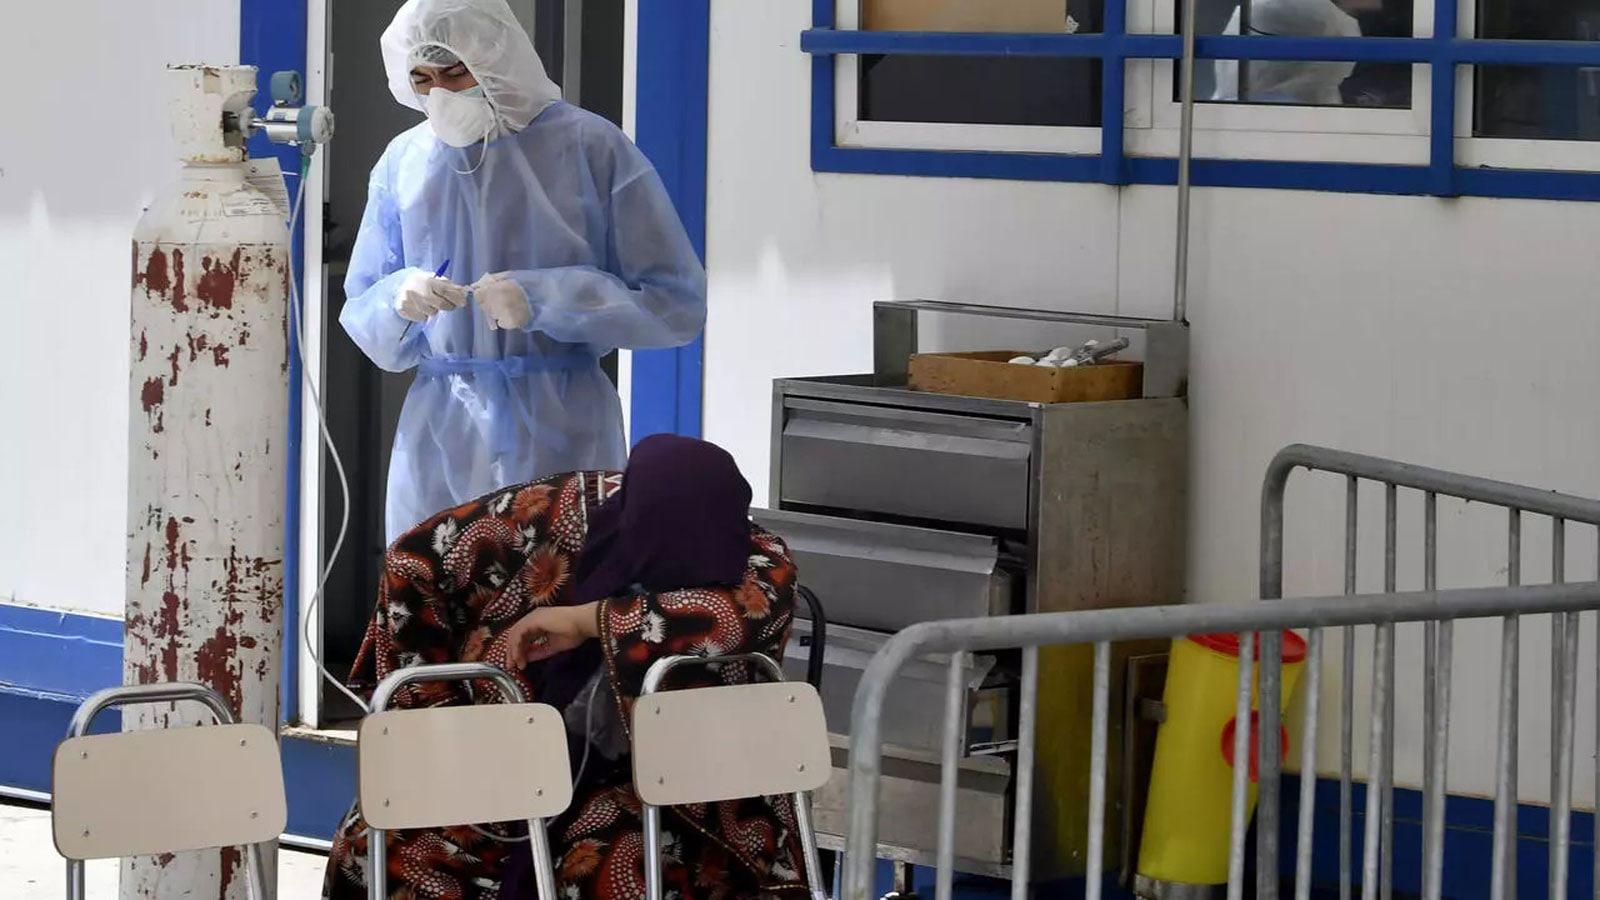 المنظومة الصحية في تونس تقترب من الانهيار بسبب كورونا